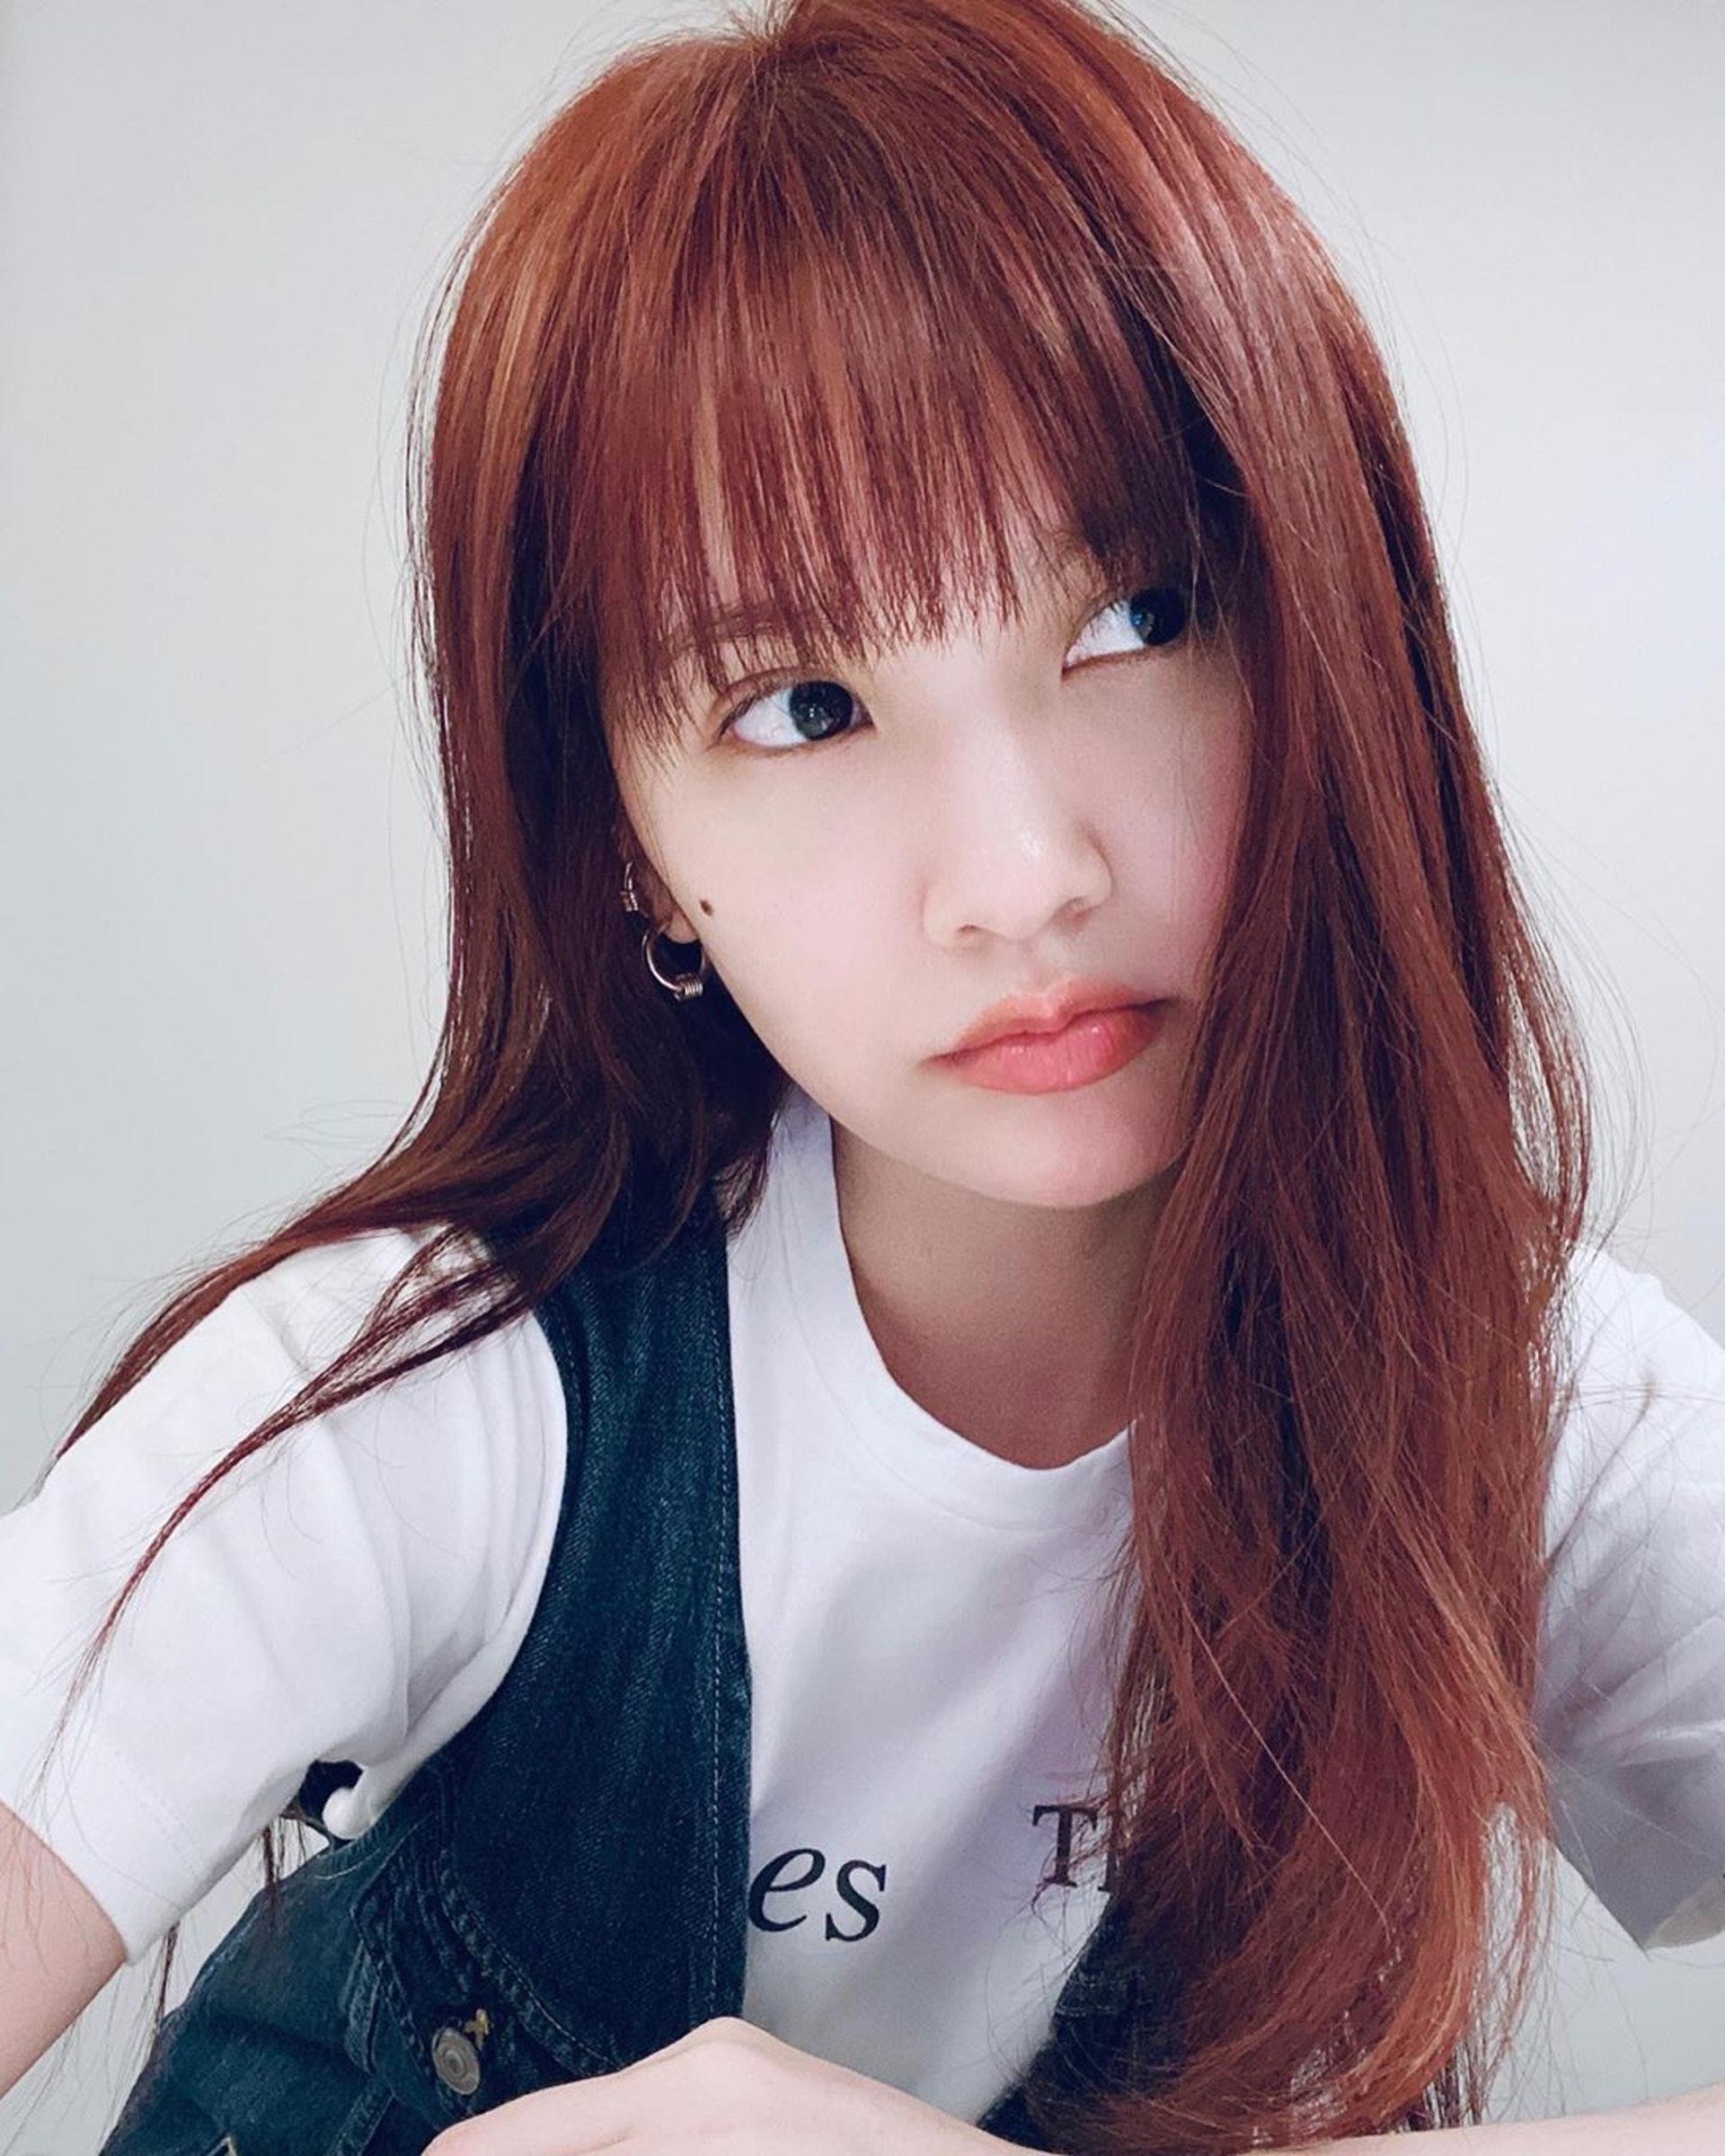 Dương Thừa Lâm đã U40 vẫn trẻ như gái đôi mươi chính nhờ 7 tips chăm da tuyệt mật ít người biết - Ảnh 5.